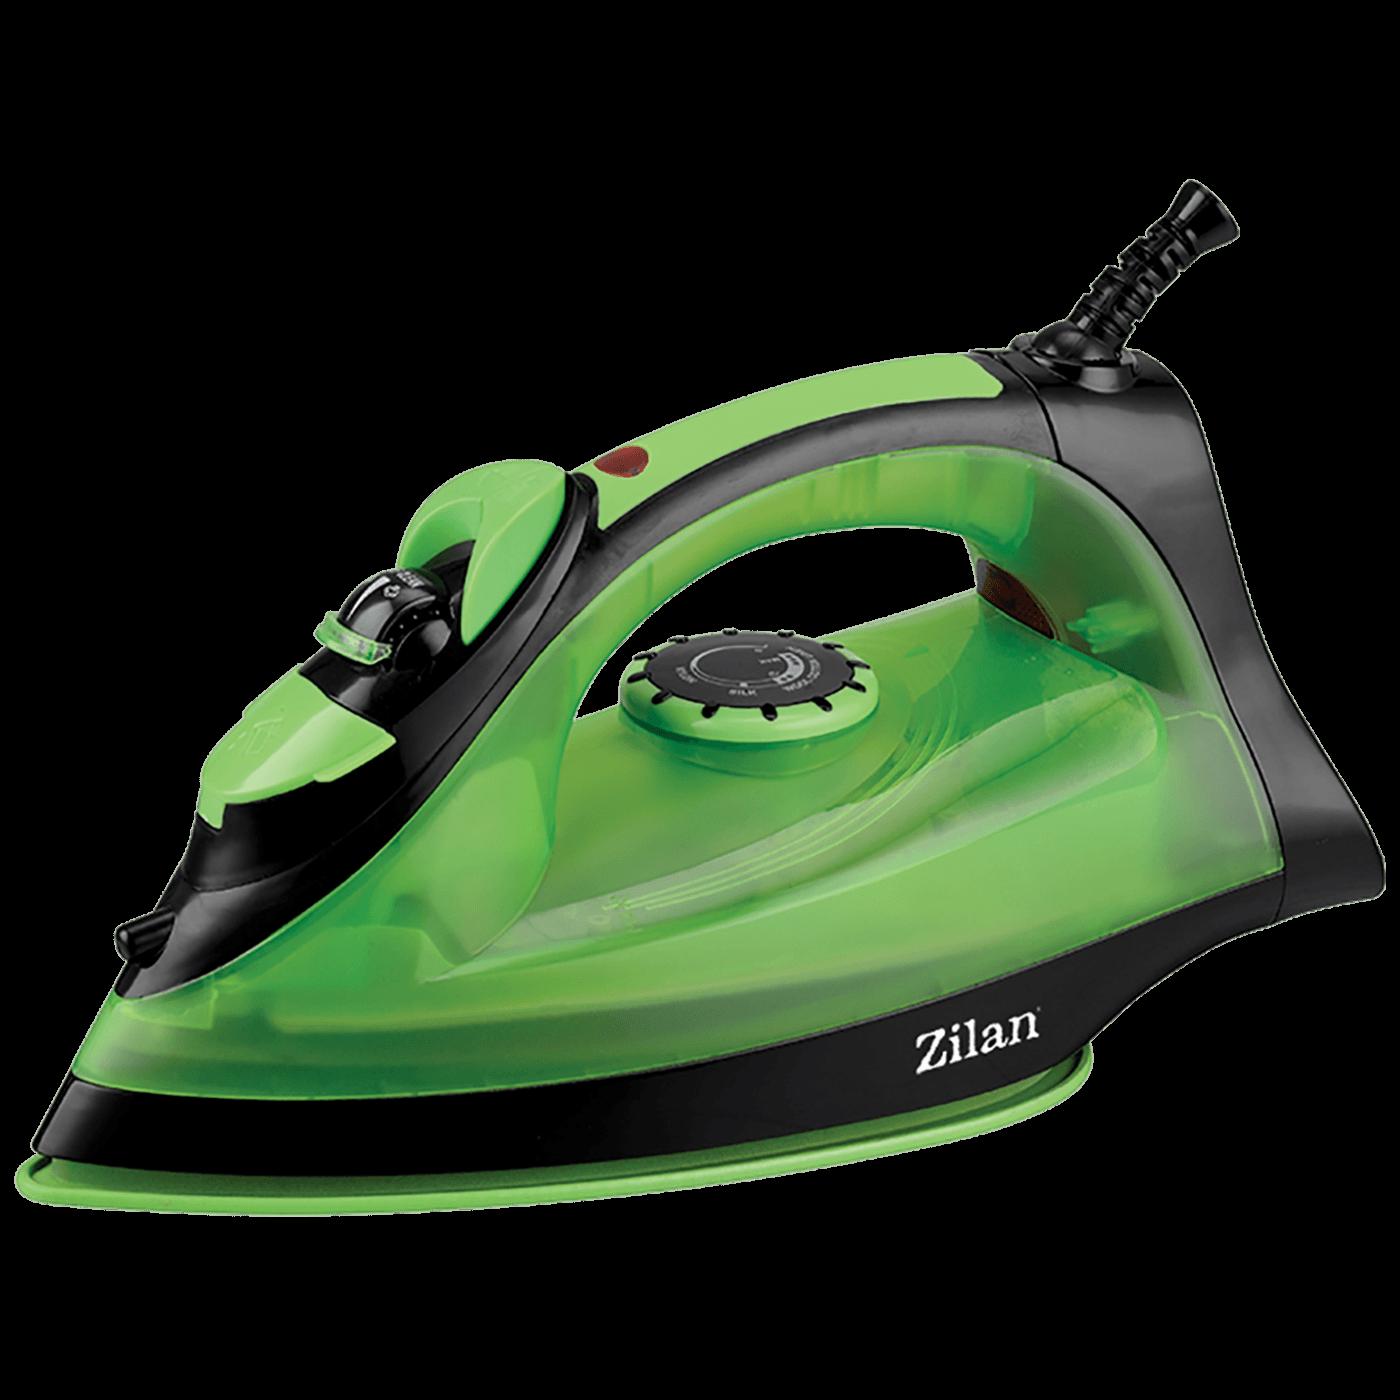 Pegla na paru, 2200 W, Anticalc And Drip, zeleno/crna